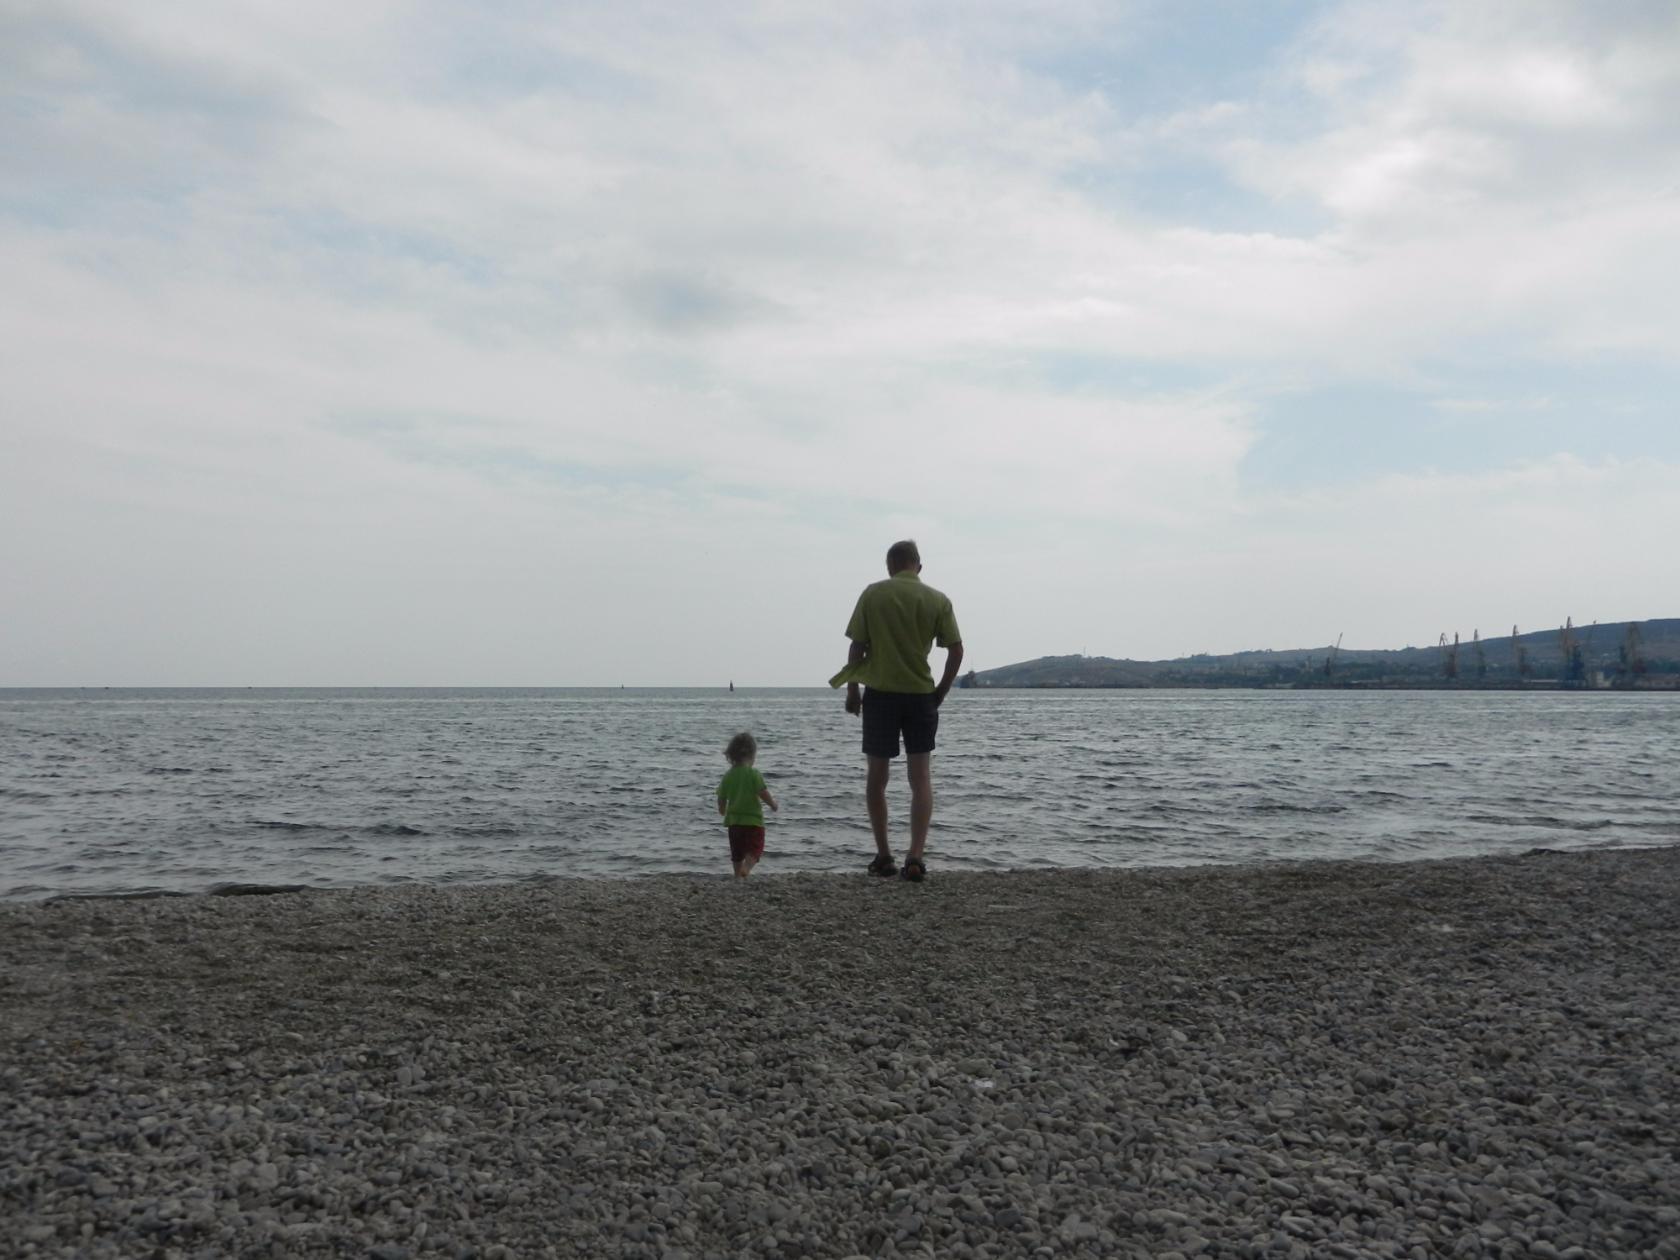 У моря перед грозой. Страшно... но прекрасно. . Делай жизнь ярче вместе с DryDry